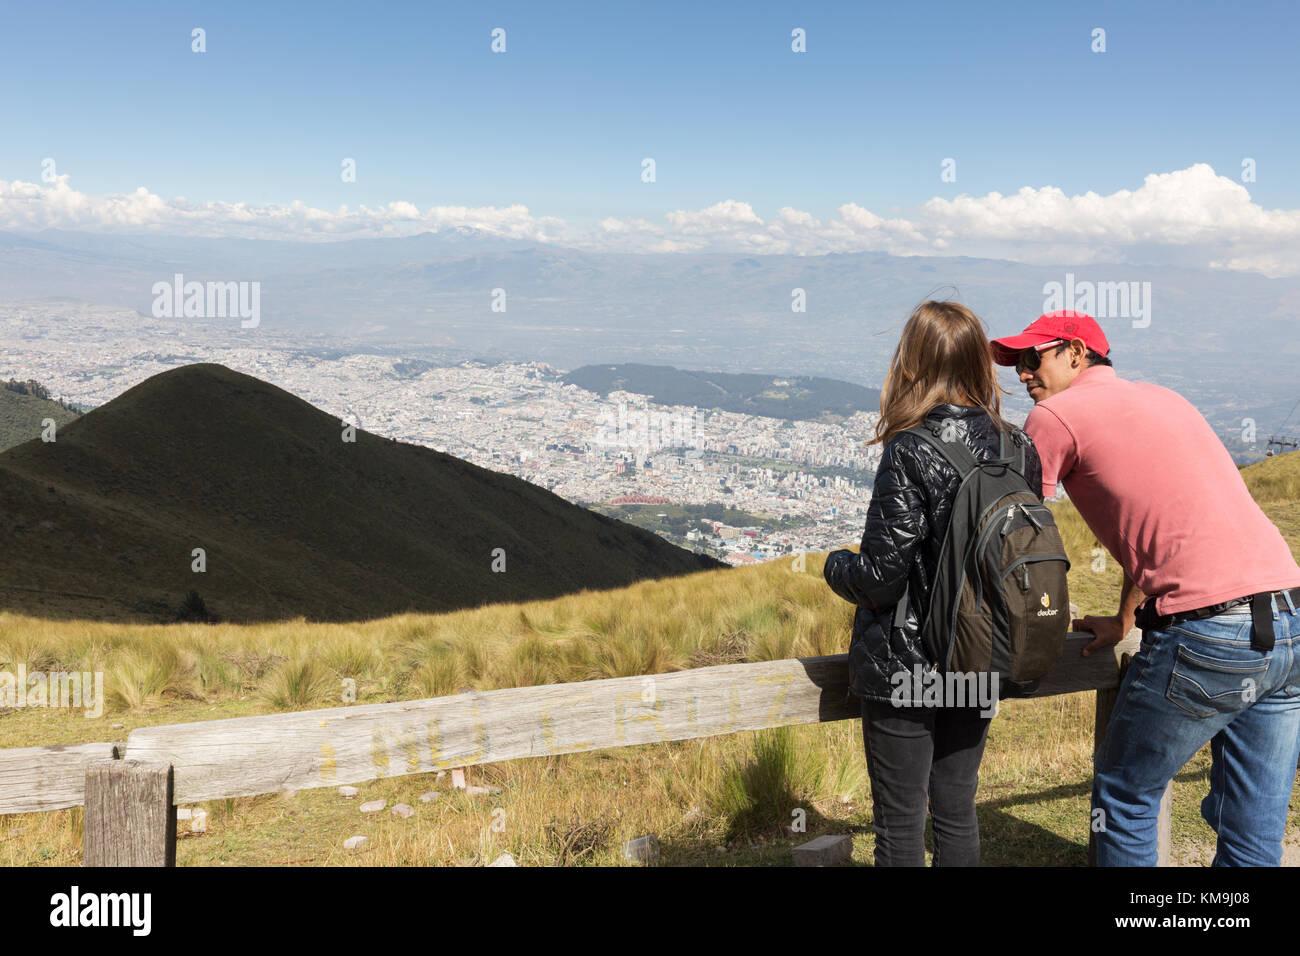 Equateur - vacances, un jeune couple en haut de la télécabine, Teleferiqo surplombant Quito, Equateur, Photo Stock